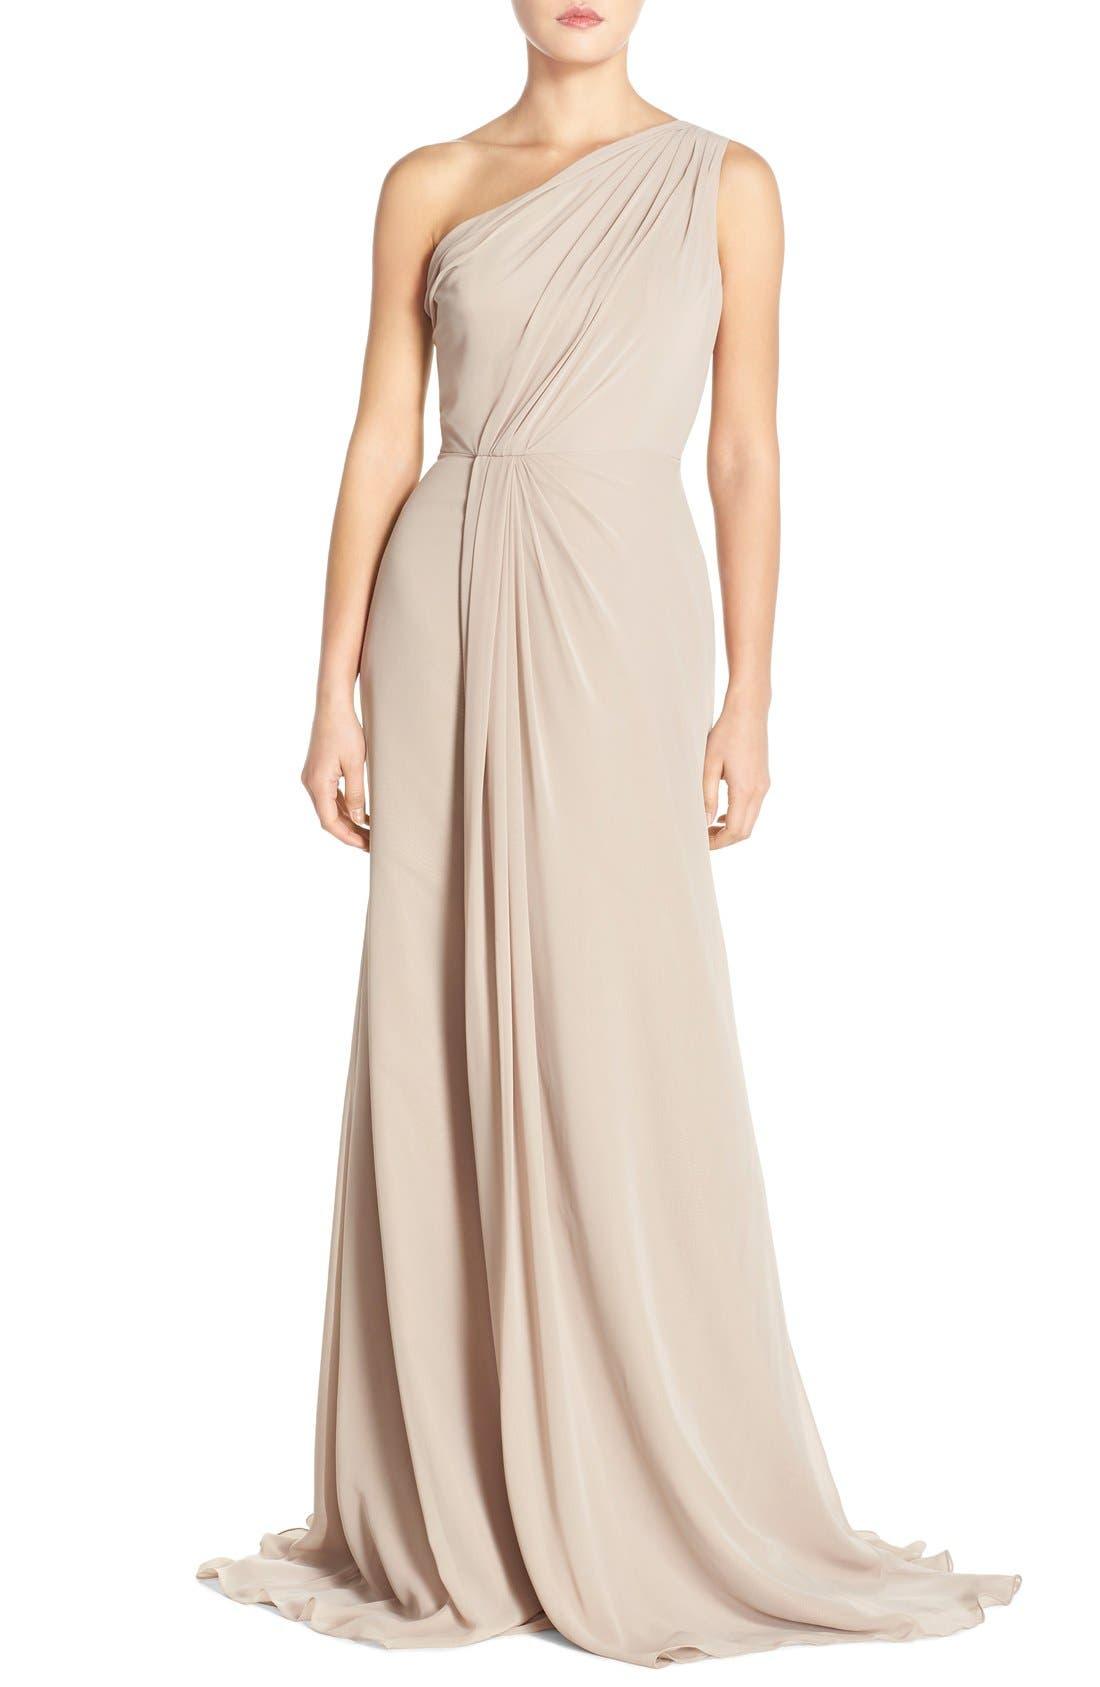 MONIQUE LHUILLIER BRIDESMAIDS One-Shoulder Chiffon Gown